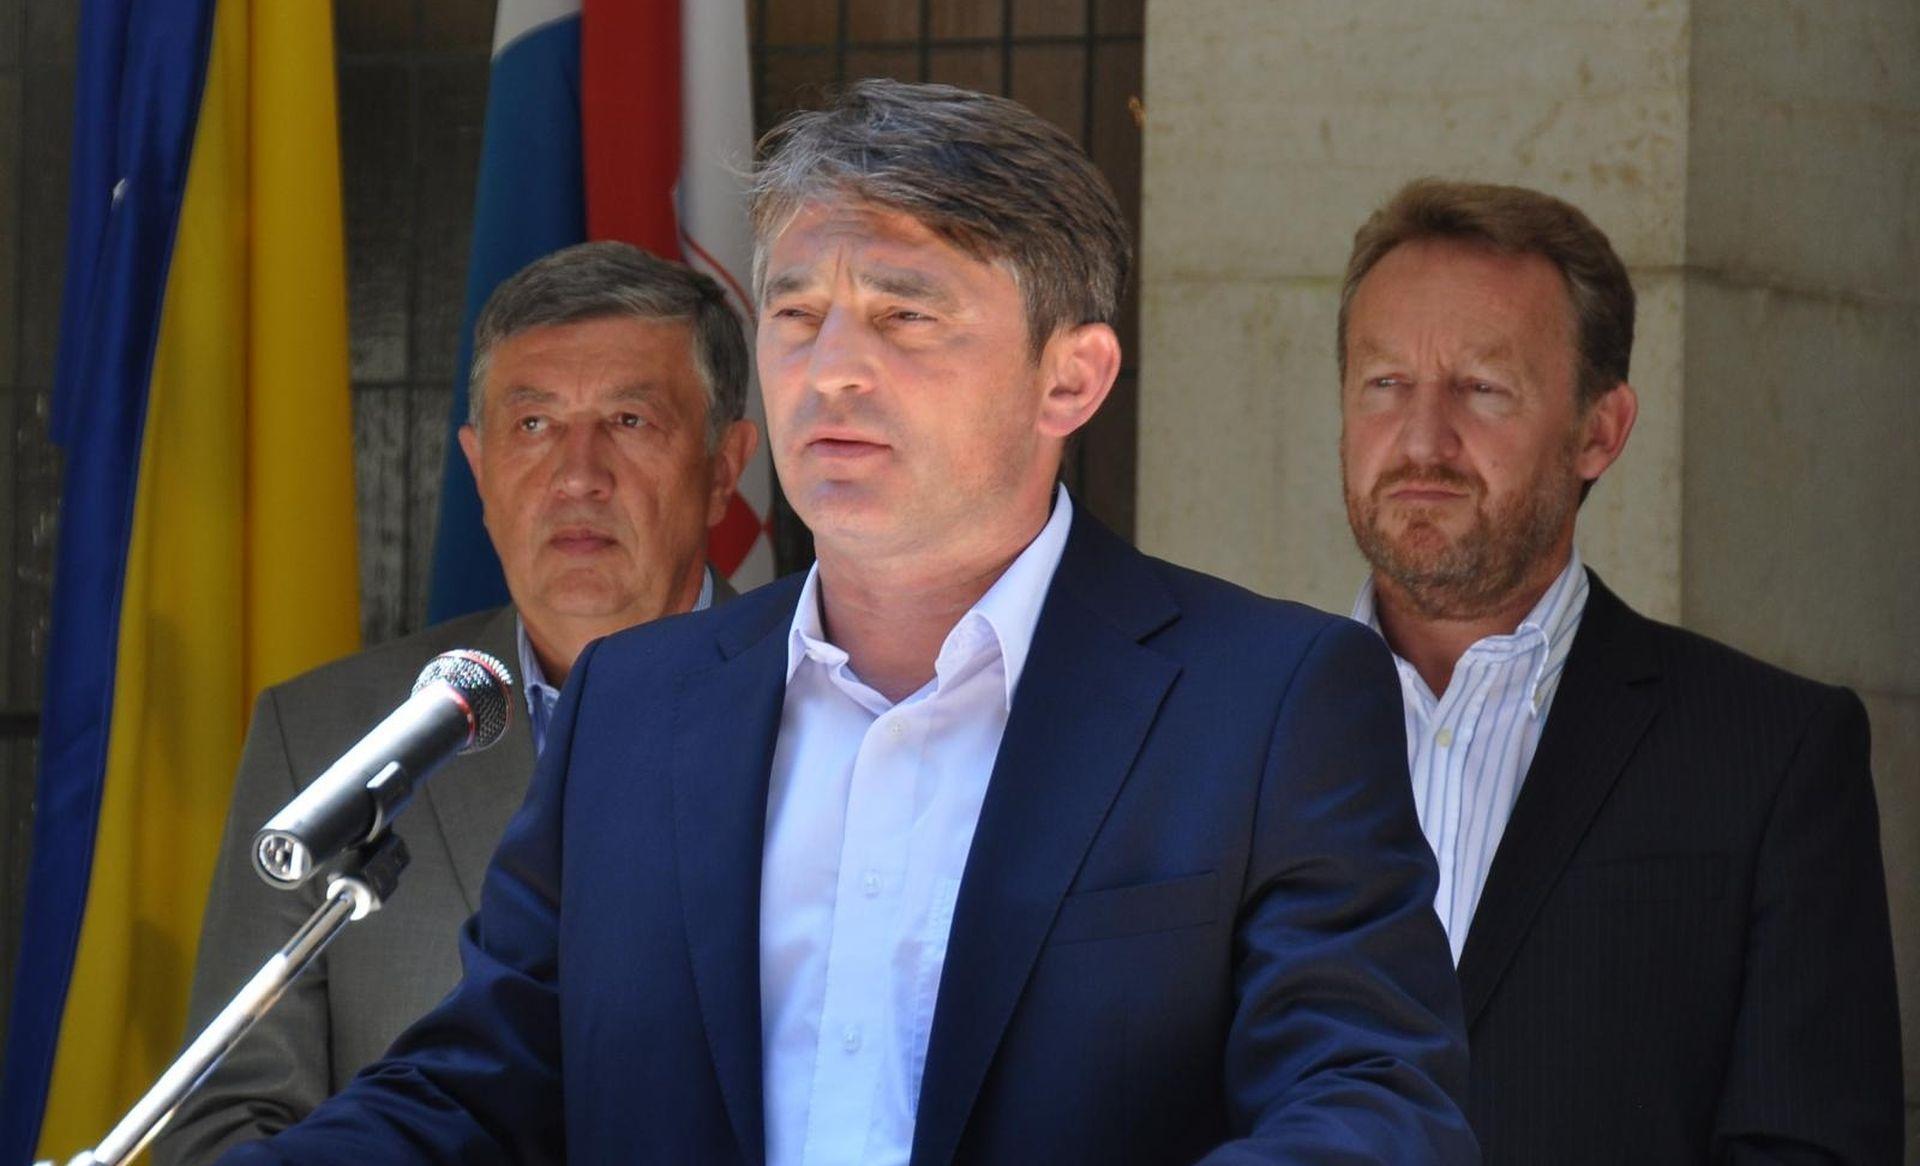 Komšić u 'službenom posjetu' Zagrebu, nije poznato kod koga